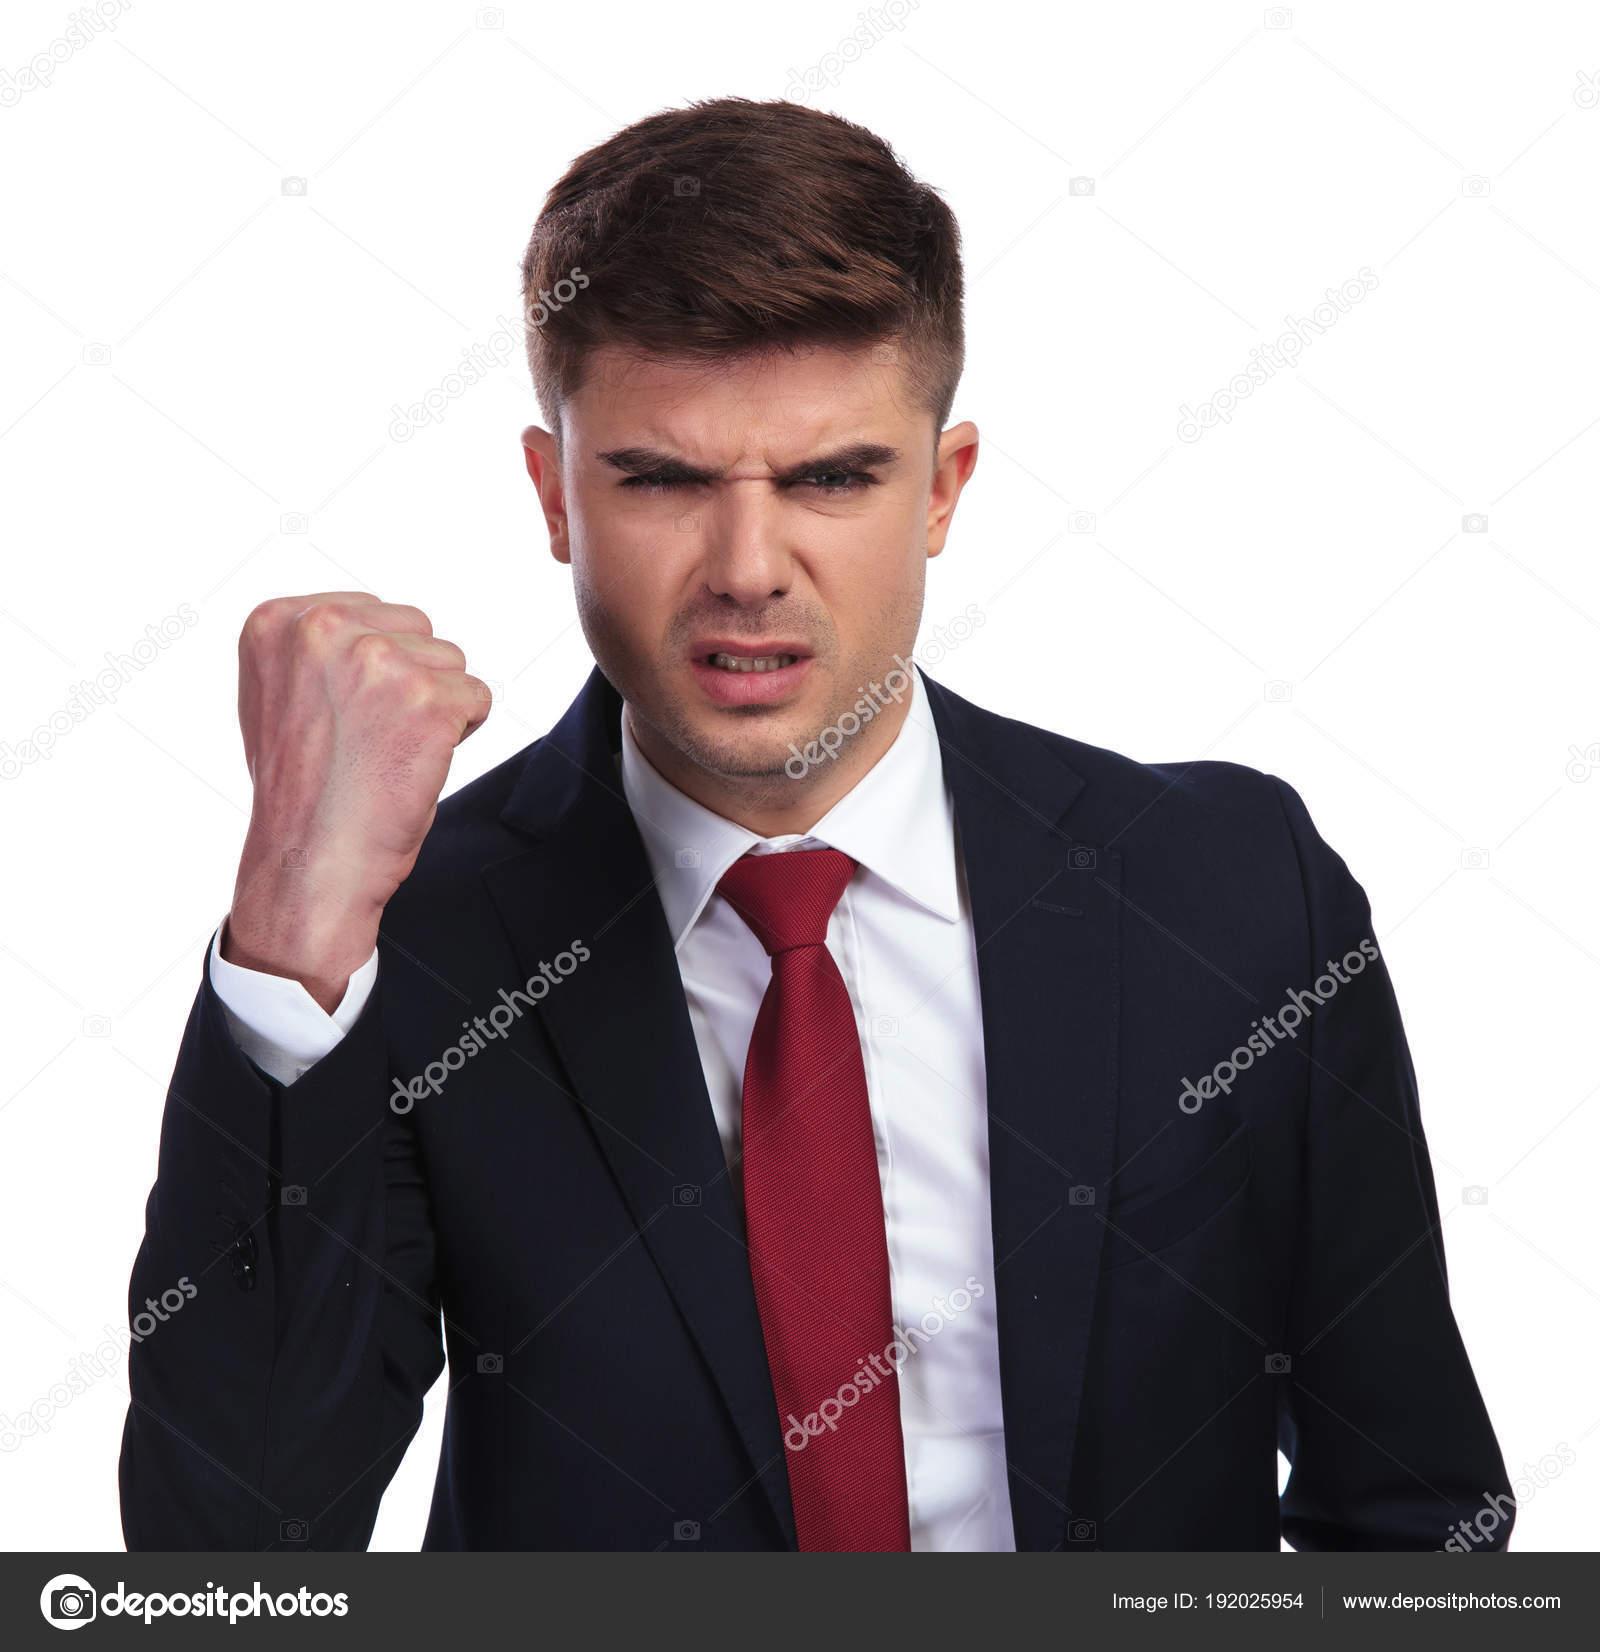 34f390ef36a92 Portrait d'homme d'affaires en colère, agitant son poing sur fond blanc. Il  porte un costume de couleur marine et une cravate rouge. — Image de feedough